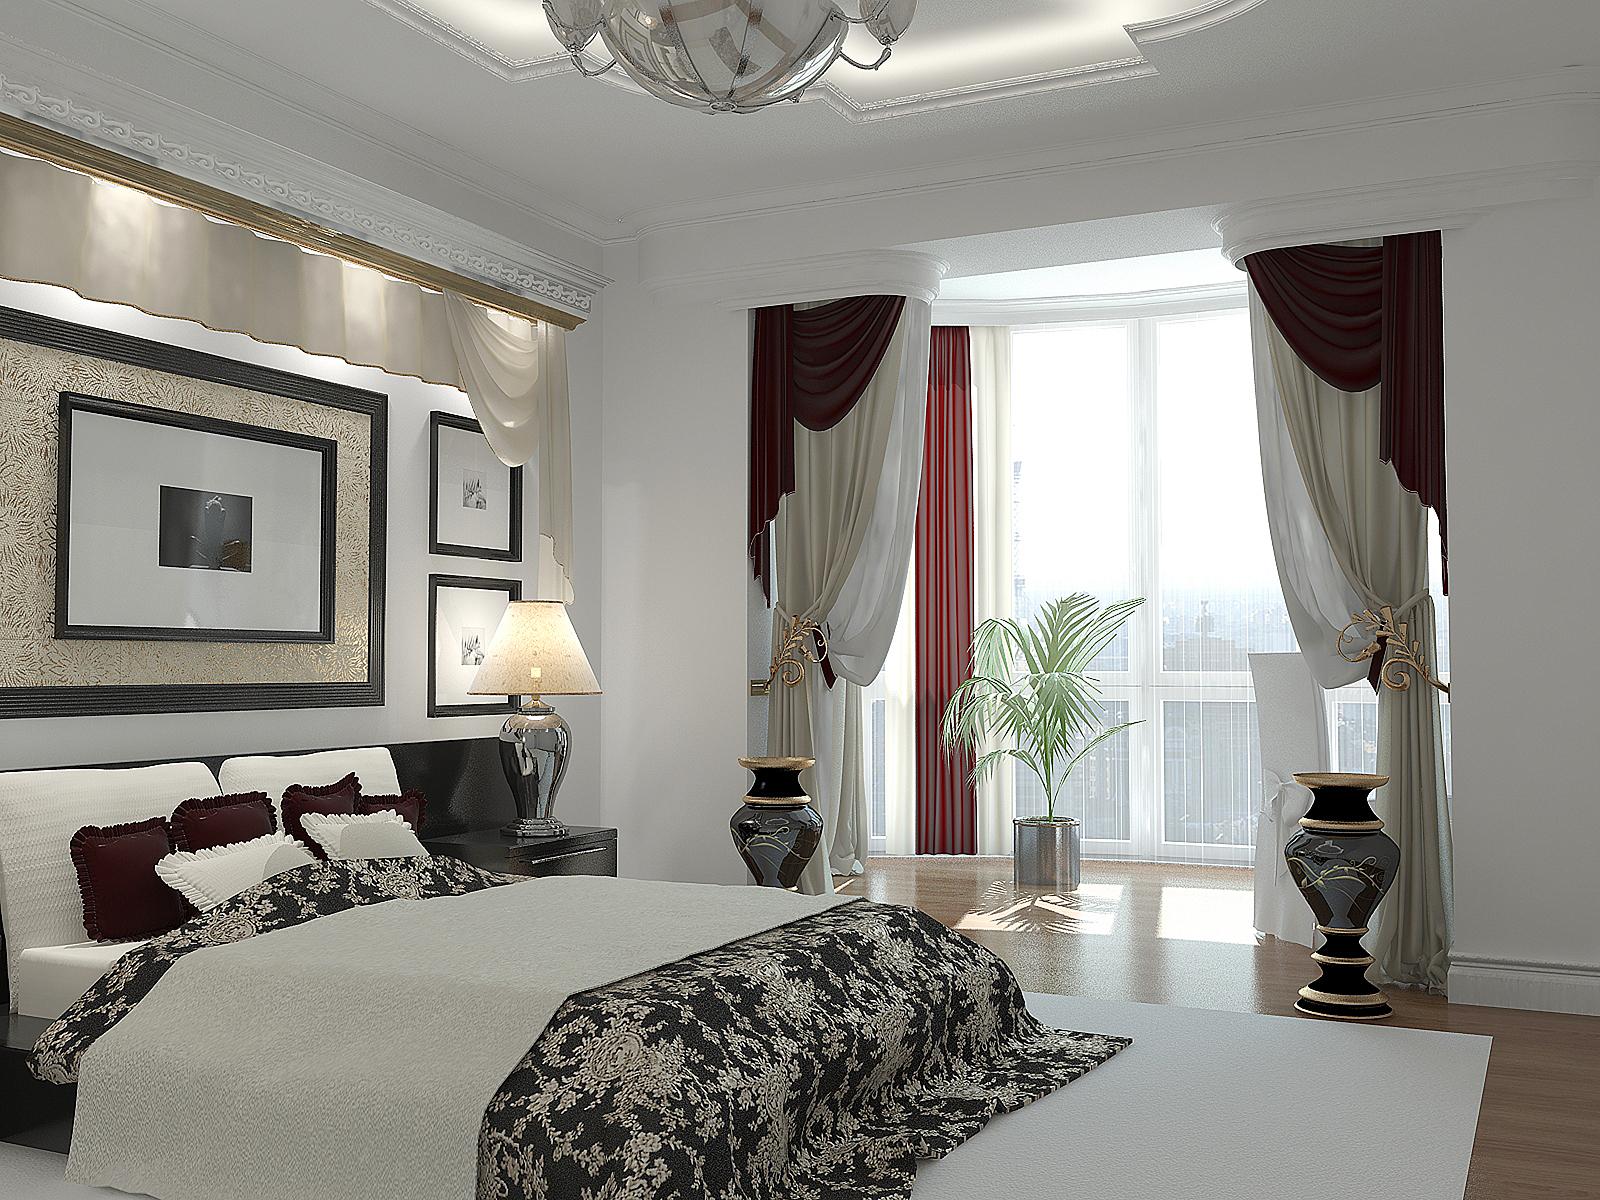 спальня с балконом дизайн с особенностями